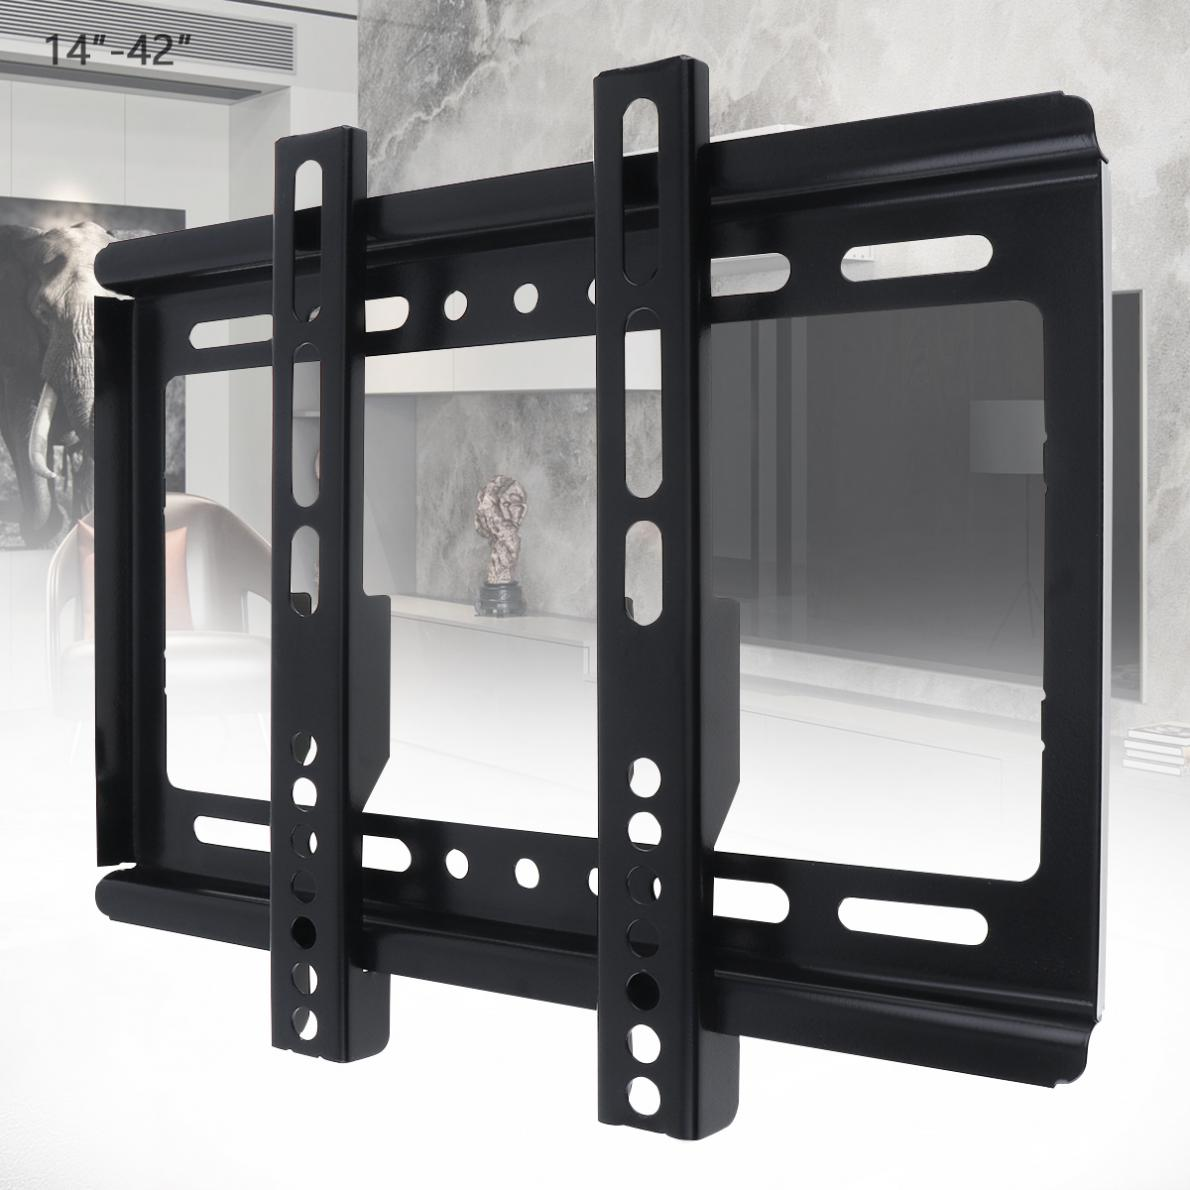 Soporte de montaje en pared para TV, marco de TV Delgado Universal de 25KG, 14 - 42 pulgadas, con gradiente para Monitor LCD LED, plano